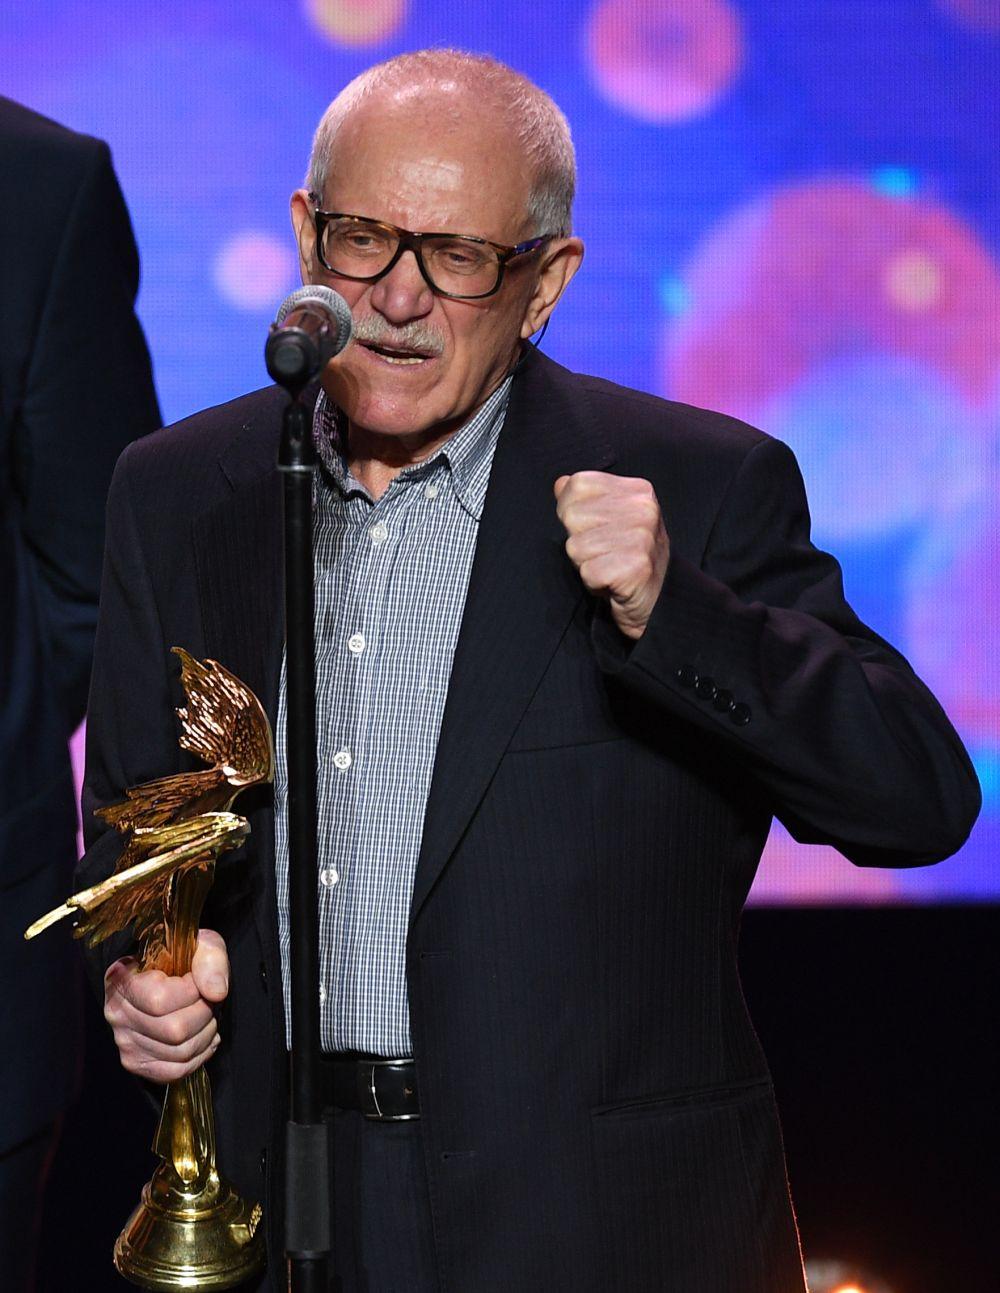 Премия имени Алексея Германа «За выдающийся вклад в отечественный кинематограф» — Александр Митта.